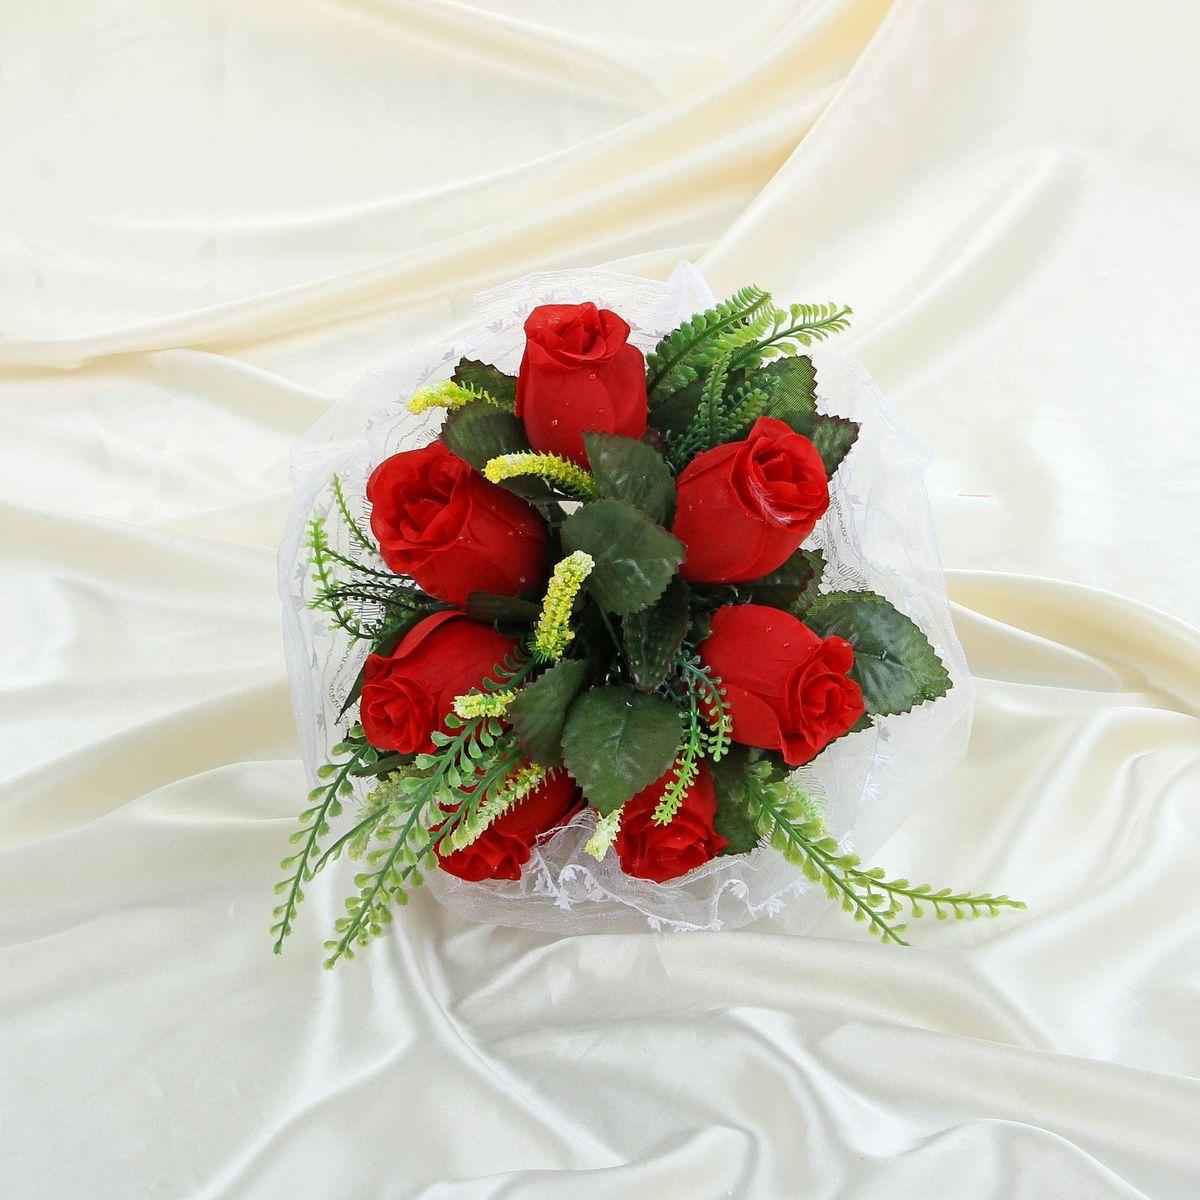 Sima-land Букет-дублер с розами с органзой, цвет: красный. 11203241120324Современные невесты используют букеты из искусственных материалов, потому что они легче, дешевле и не рассыпаются в полете. Ведь для многих незамужних подружек поймать букет на свадьбе — шанс осуществления заветной мечты. Кроме свадебной тематики изделие используют для фотосессий, так как оно не утрачивает праздничный вид даже в непогоду, и как элемент украшения интерьера. Многие рестораны и отели на выставках и праздниках предпочитают использовать украшения из неувядающих цветов. Оригинальный букет будет в центре внимания на торжественном событии и оставит самые яркие впечатления.